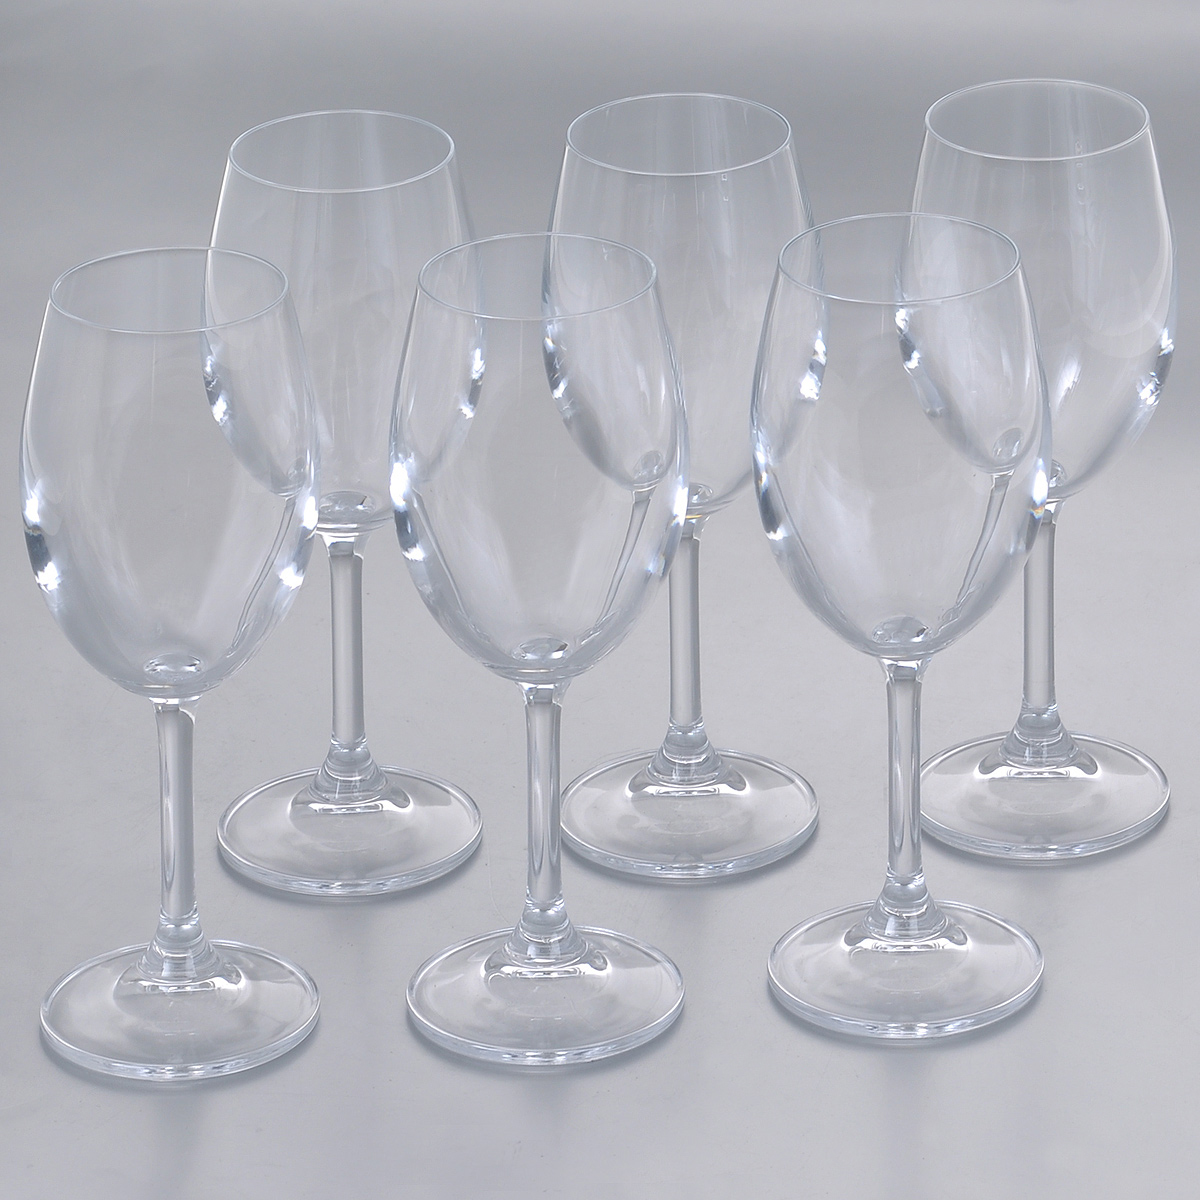 Набор бокалов для белого вина Crystalite Bohemia Барбара, 300 мл, 6 шт1SD22/300Набор Crystalite Bohemia Барбара состоит из шести бокалов, выполненных из прочного высококачественного прозрачного стекла. Изделия оснащены изящными высокими ножками. Бокалы предназначены для подачи белого вина. Они излучают приятный блеск и издают мелодичный звон. Бокалы сочетают в себе элегантный дизайн и функциональность. Благодаря такому набору пить напитки будет еще вкуснее.Набор бокалов Crystalite Bohemia Барбара прекрасно оформит праздничный стол и создаст приятную атмосферу за романтическим ужином. Такой набор также станет хорошим подарком к любому случаю. Не использовать в посудомоечной машине и микроволновой печи.